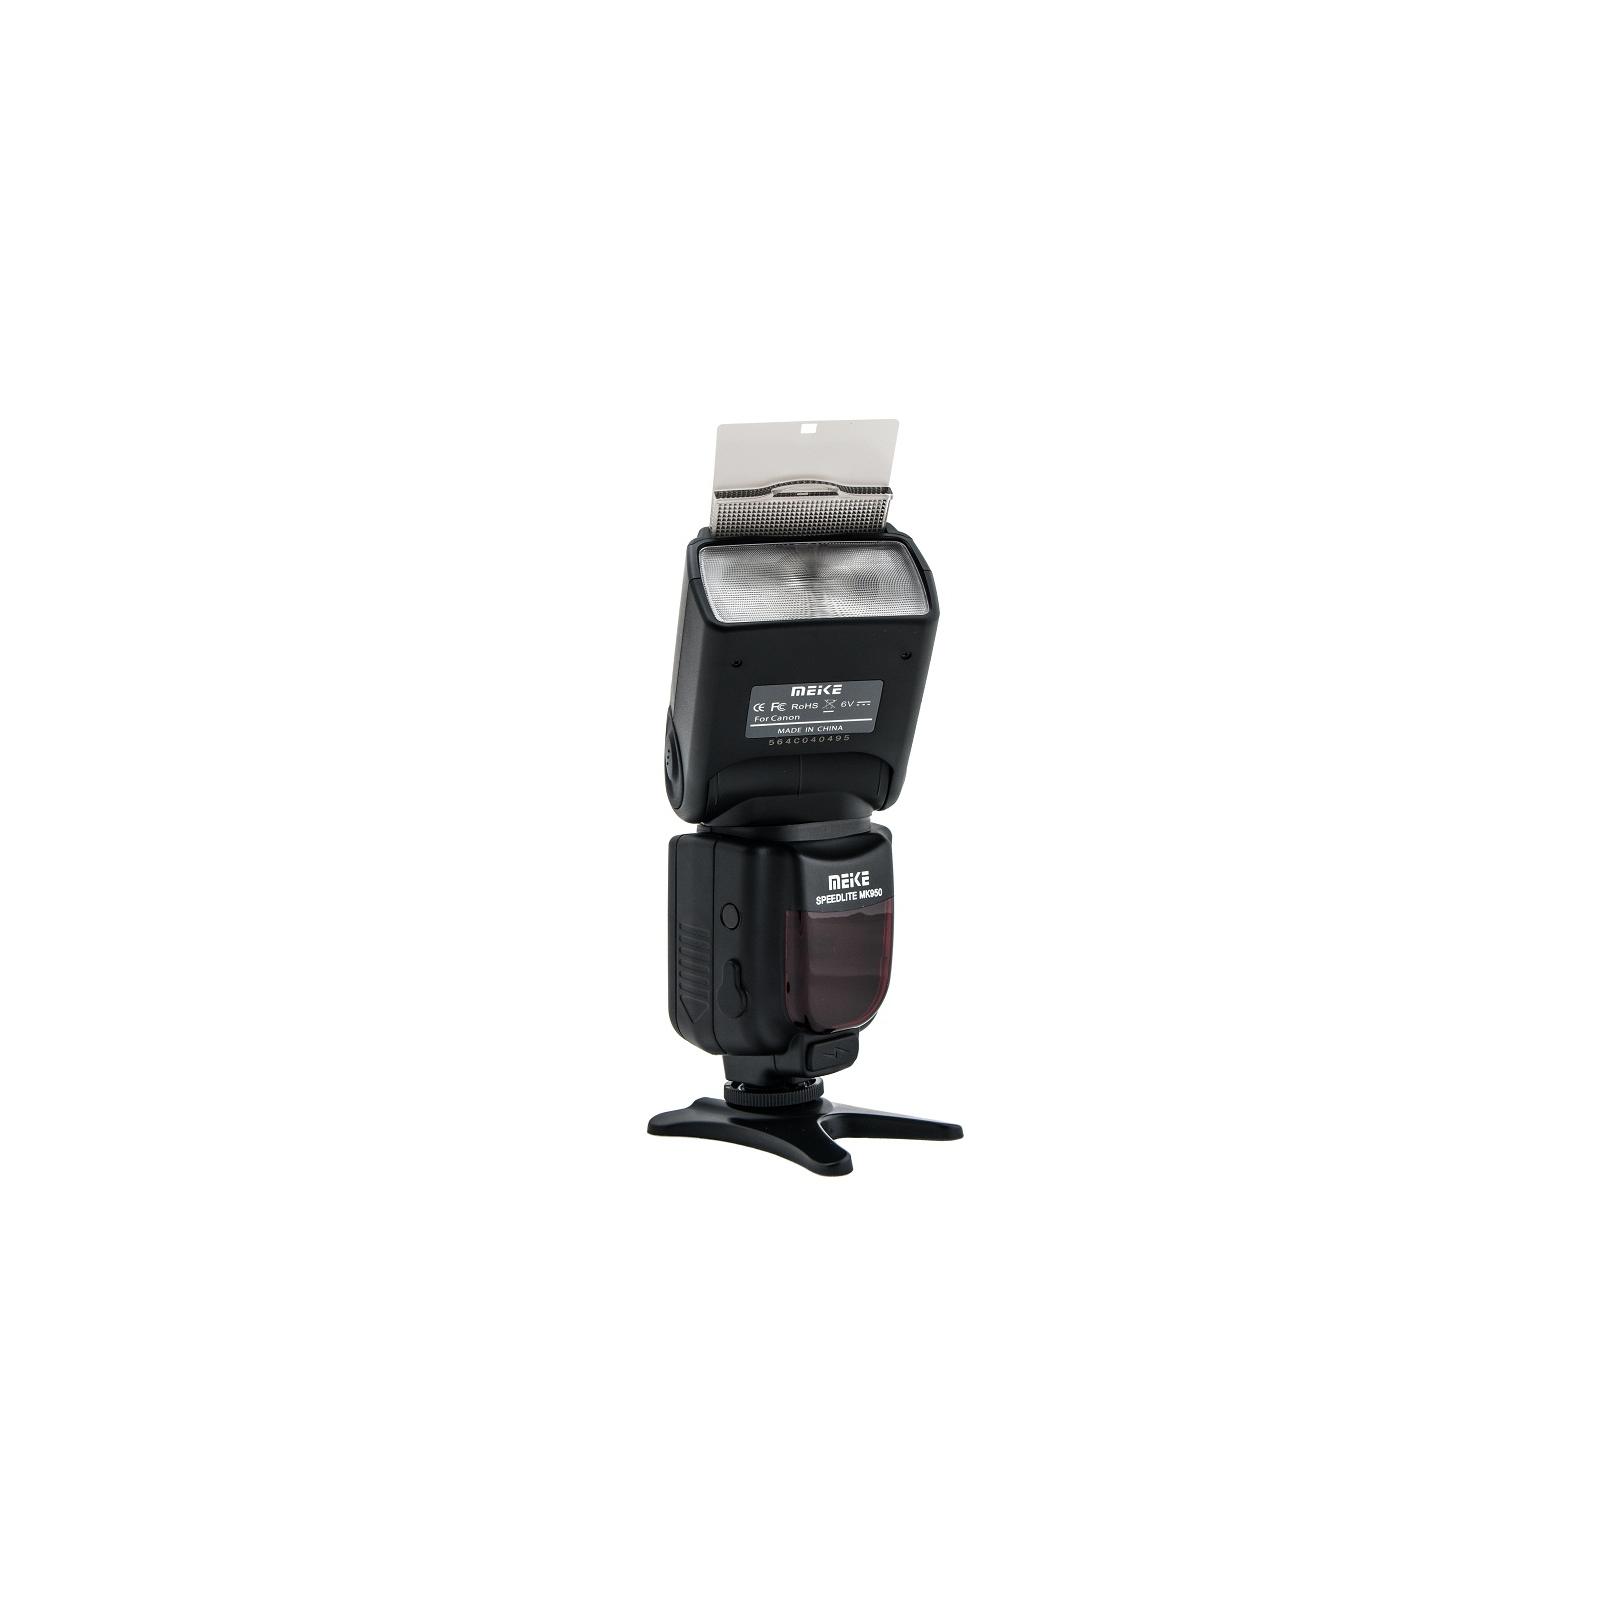 Вспышка Meike Nikon 950 (SKW950N) изображение 2